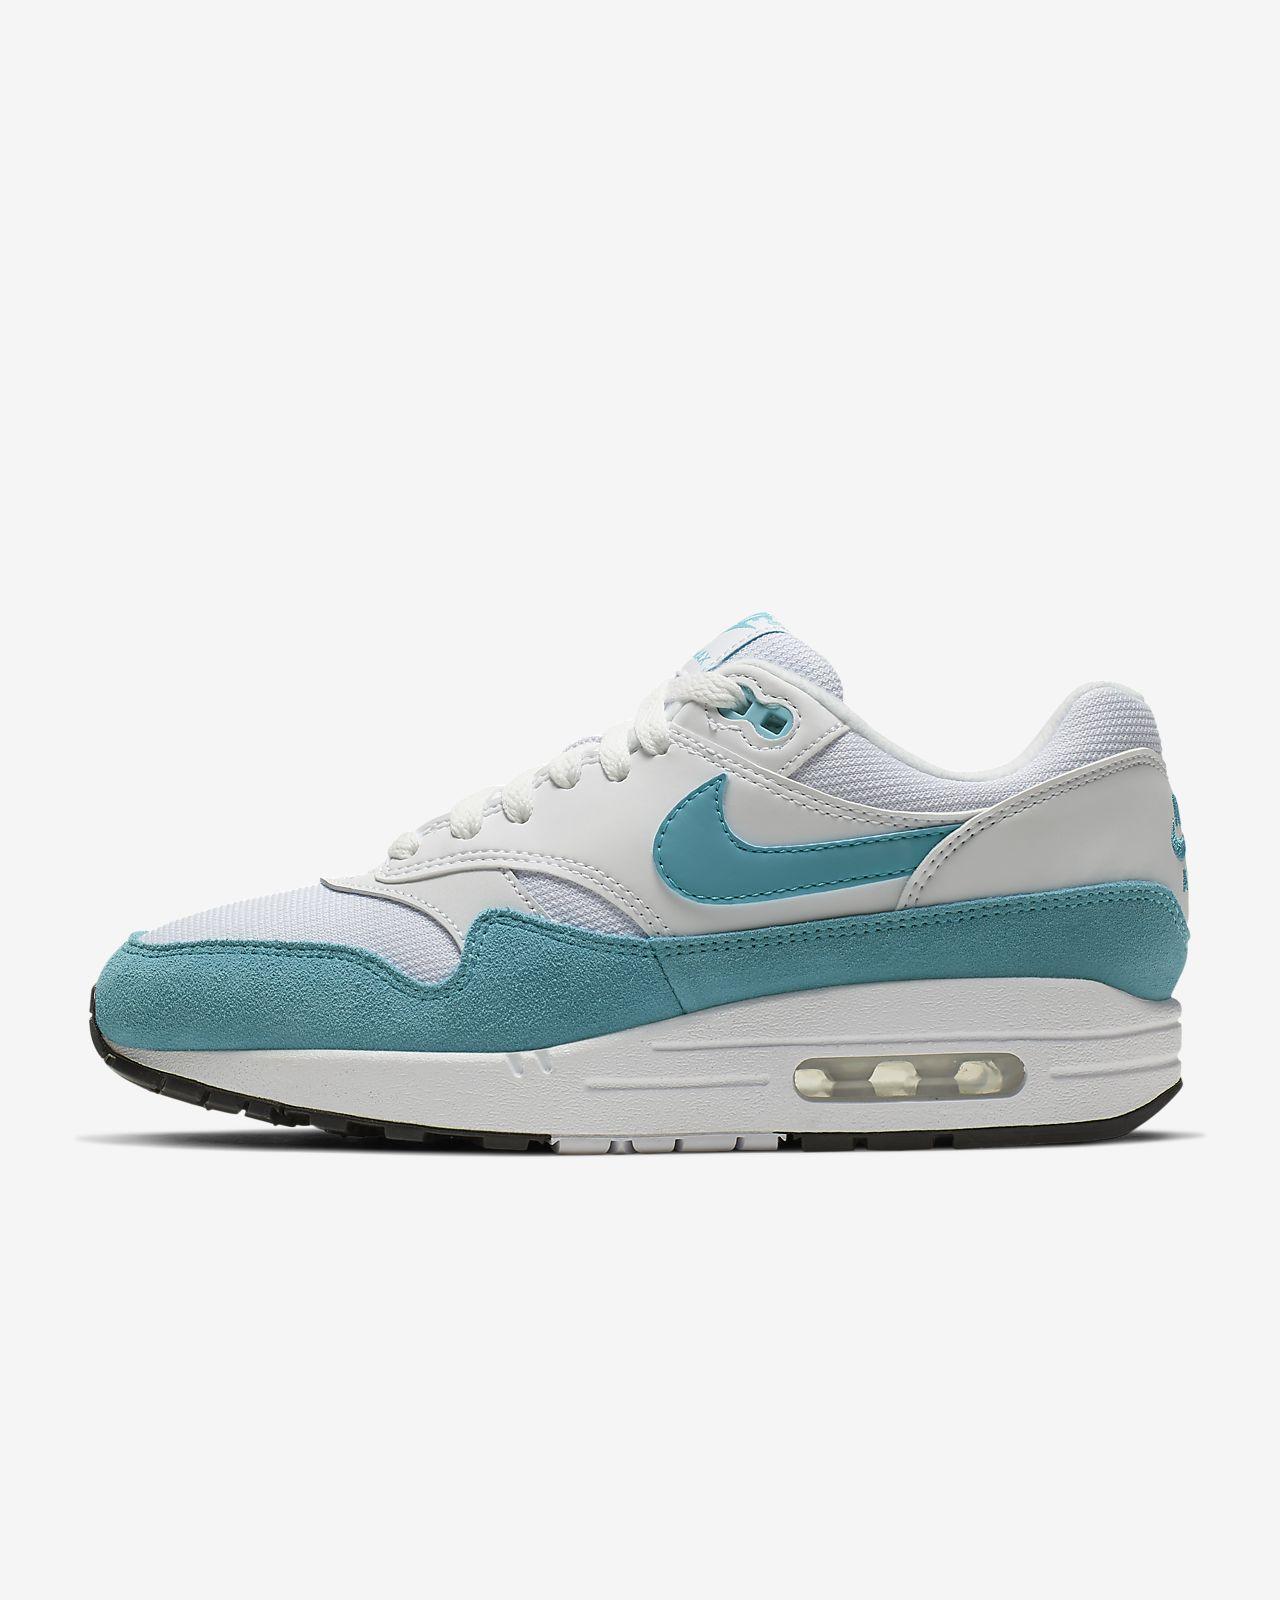 9664afb81e Nike Air Max 1 Women's Shoe. Nike.com